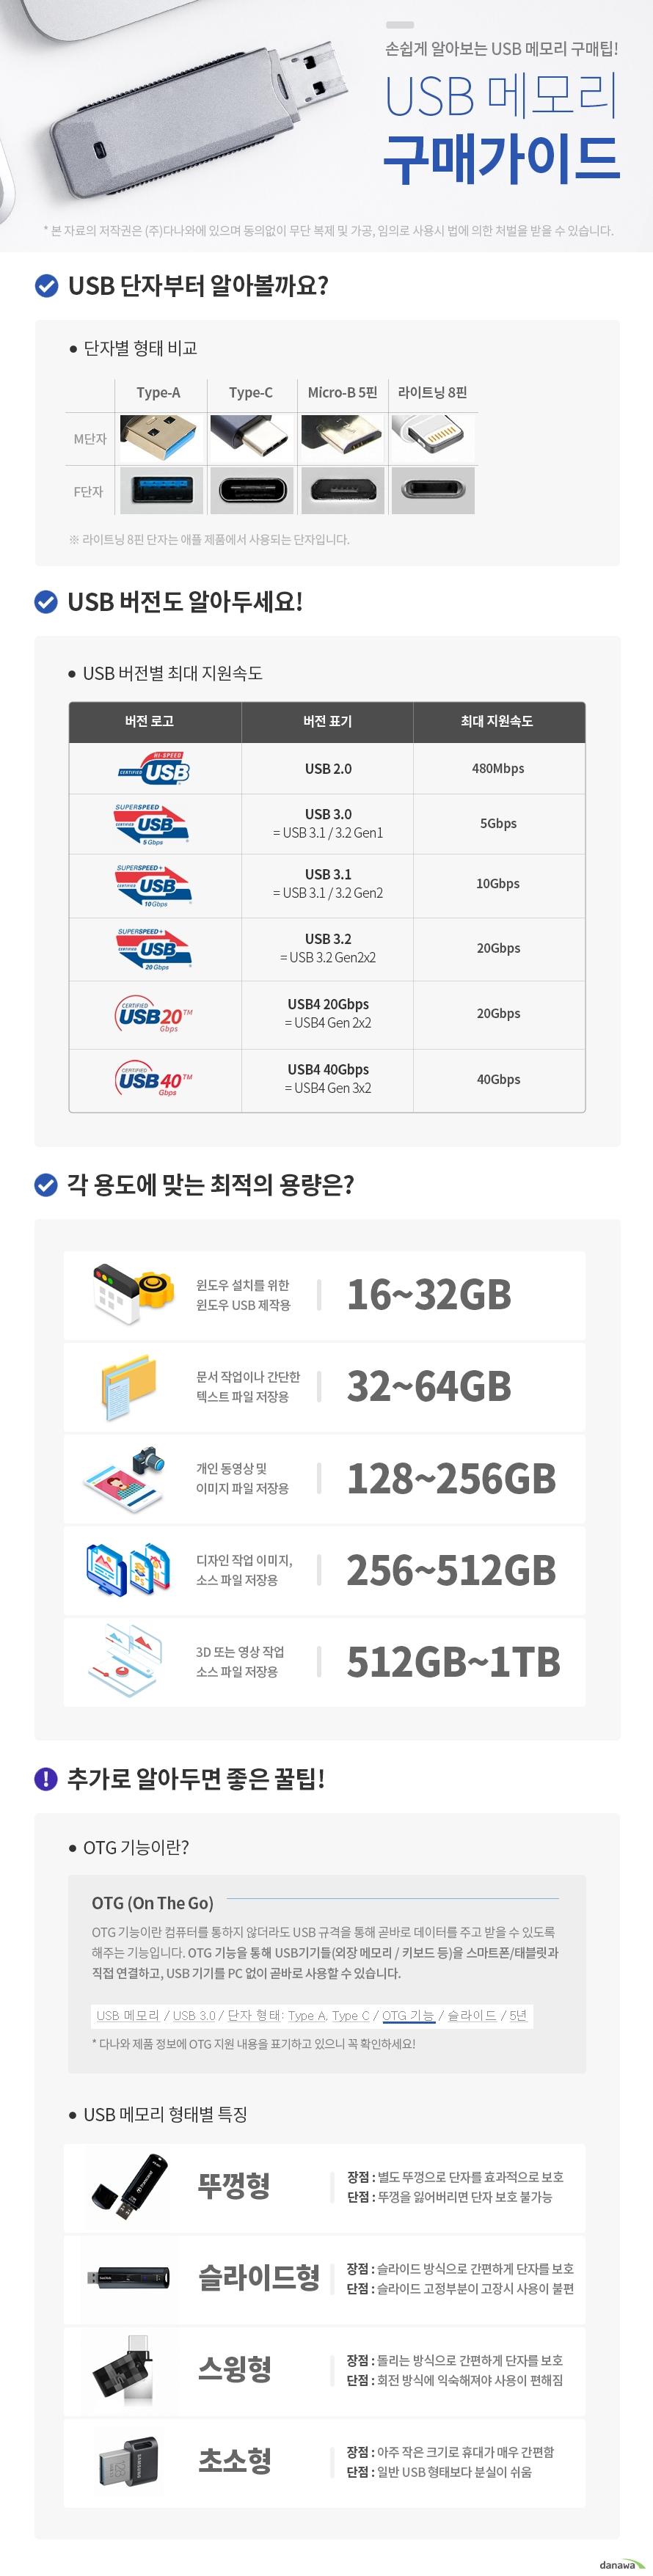 메모렛 스윙 USB UL700 (32GB)